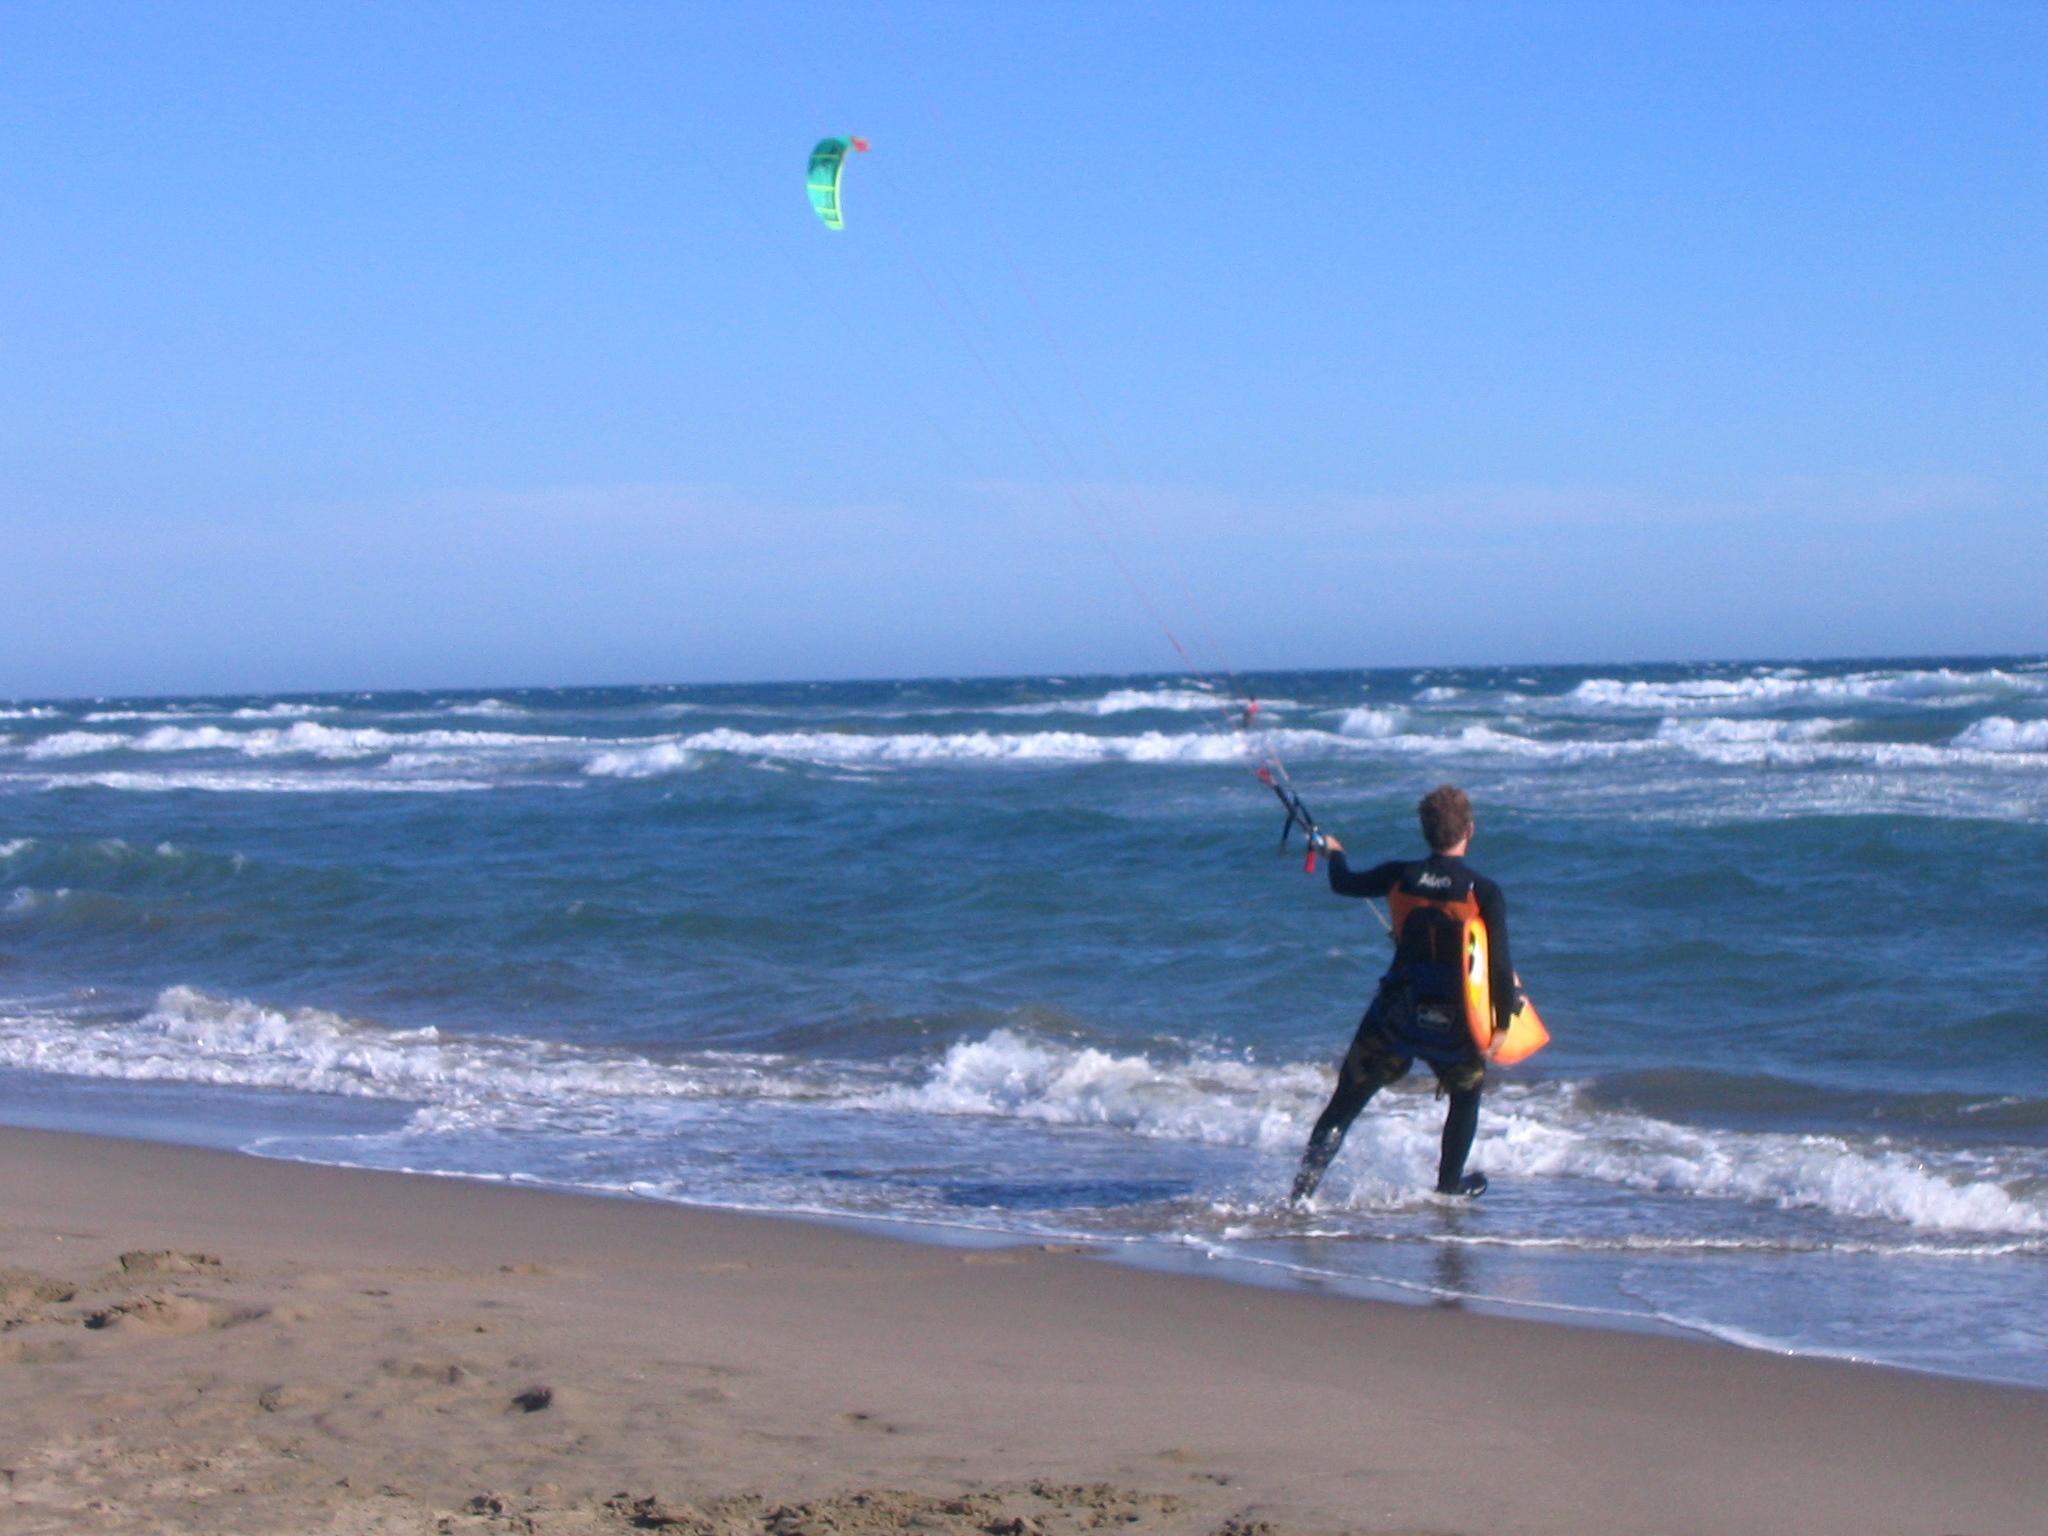 Foto playa El Ancón. Marbella - Los Monteros - ins Wasser zum Drachen-Surfing / starting for Kitesurfing